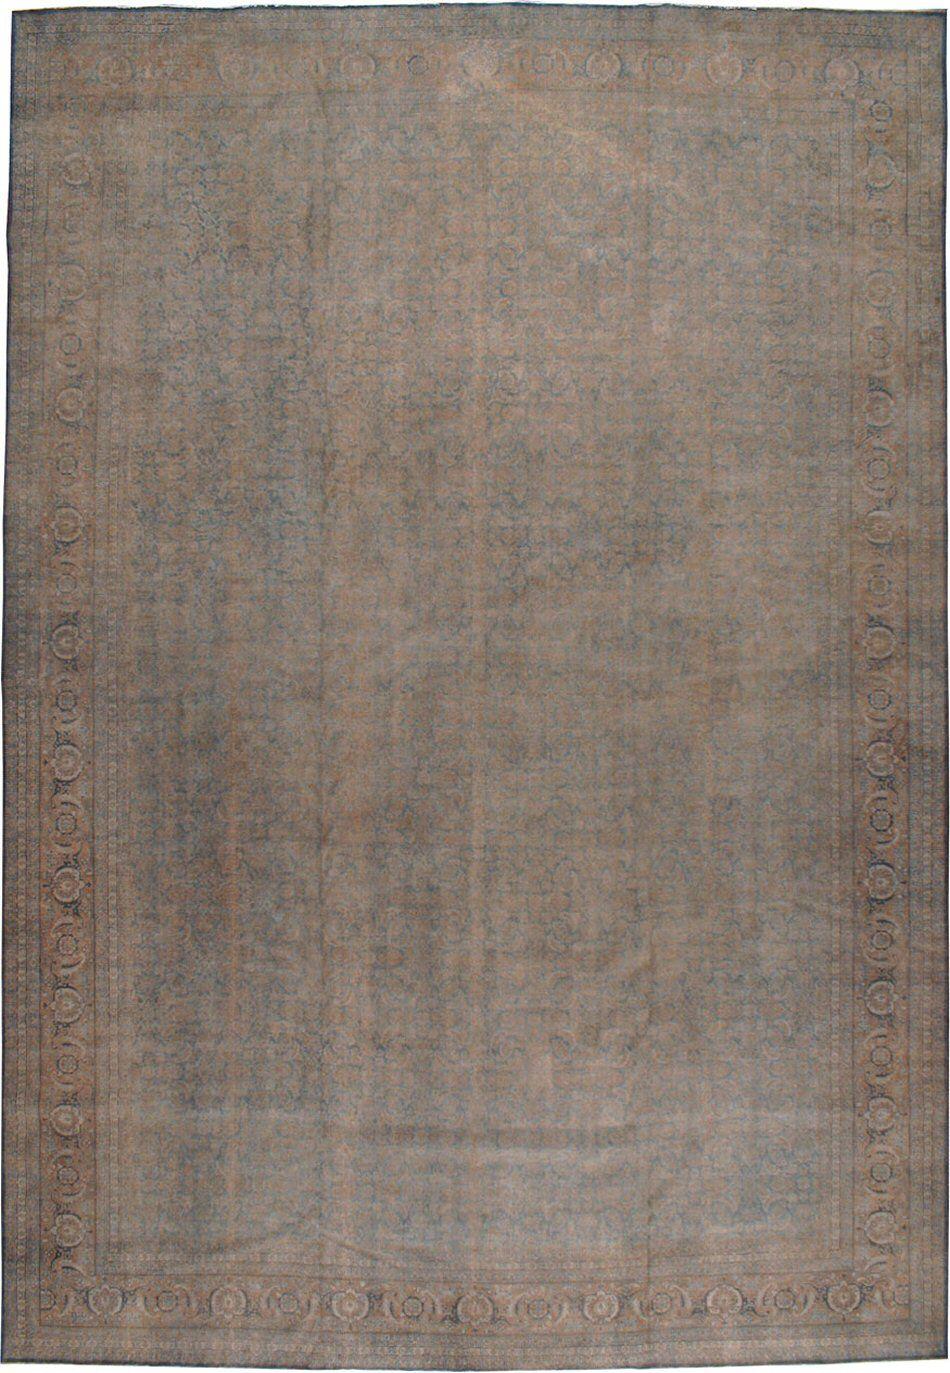 """Tabriz Rug Number: 10060 Size: 12'7"""" x 18'5""""   Rugs R Us Online,"""